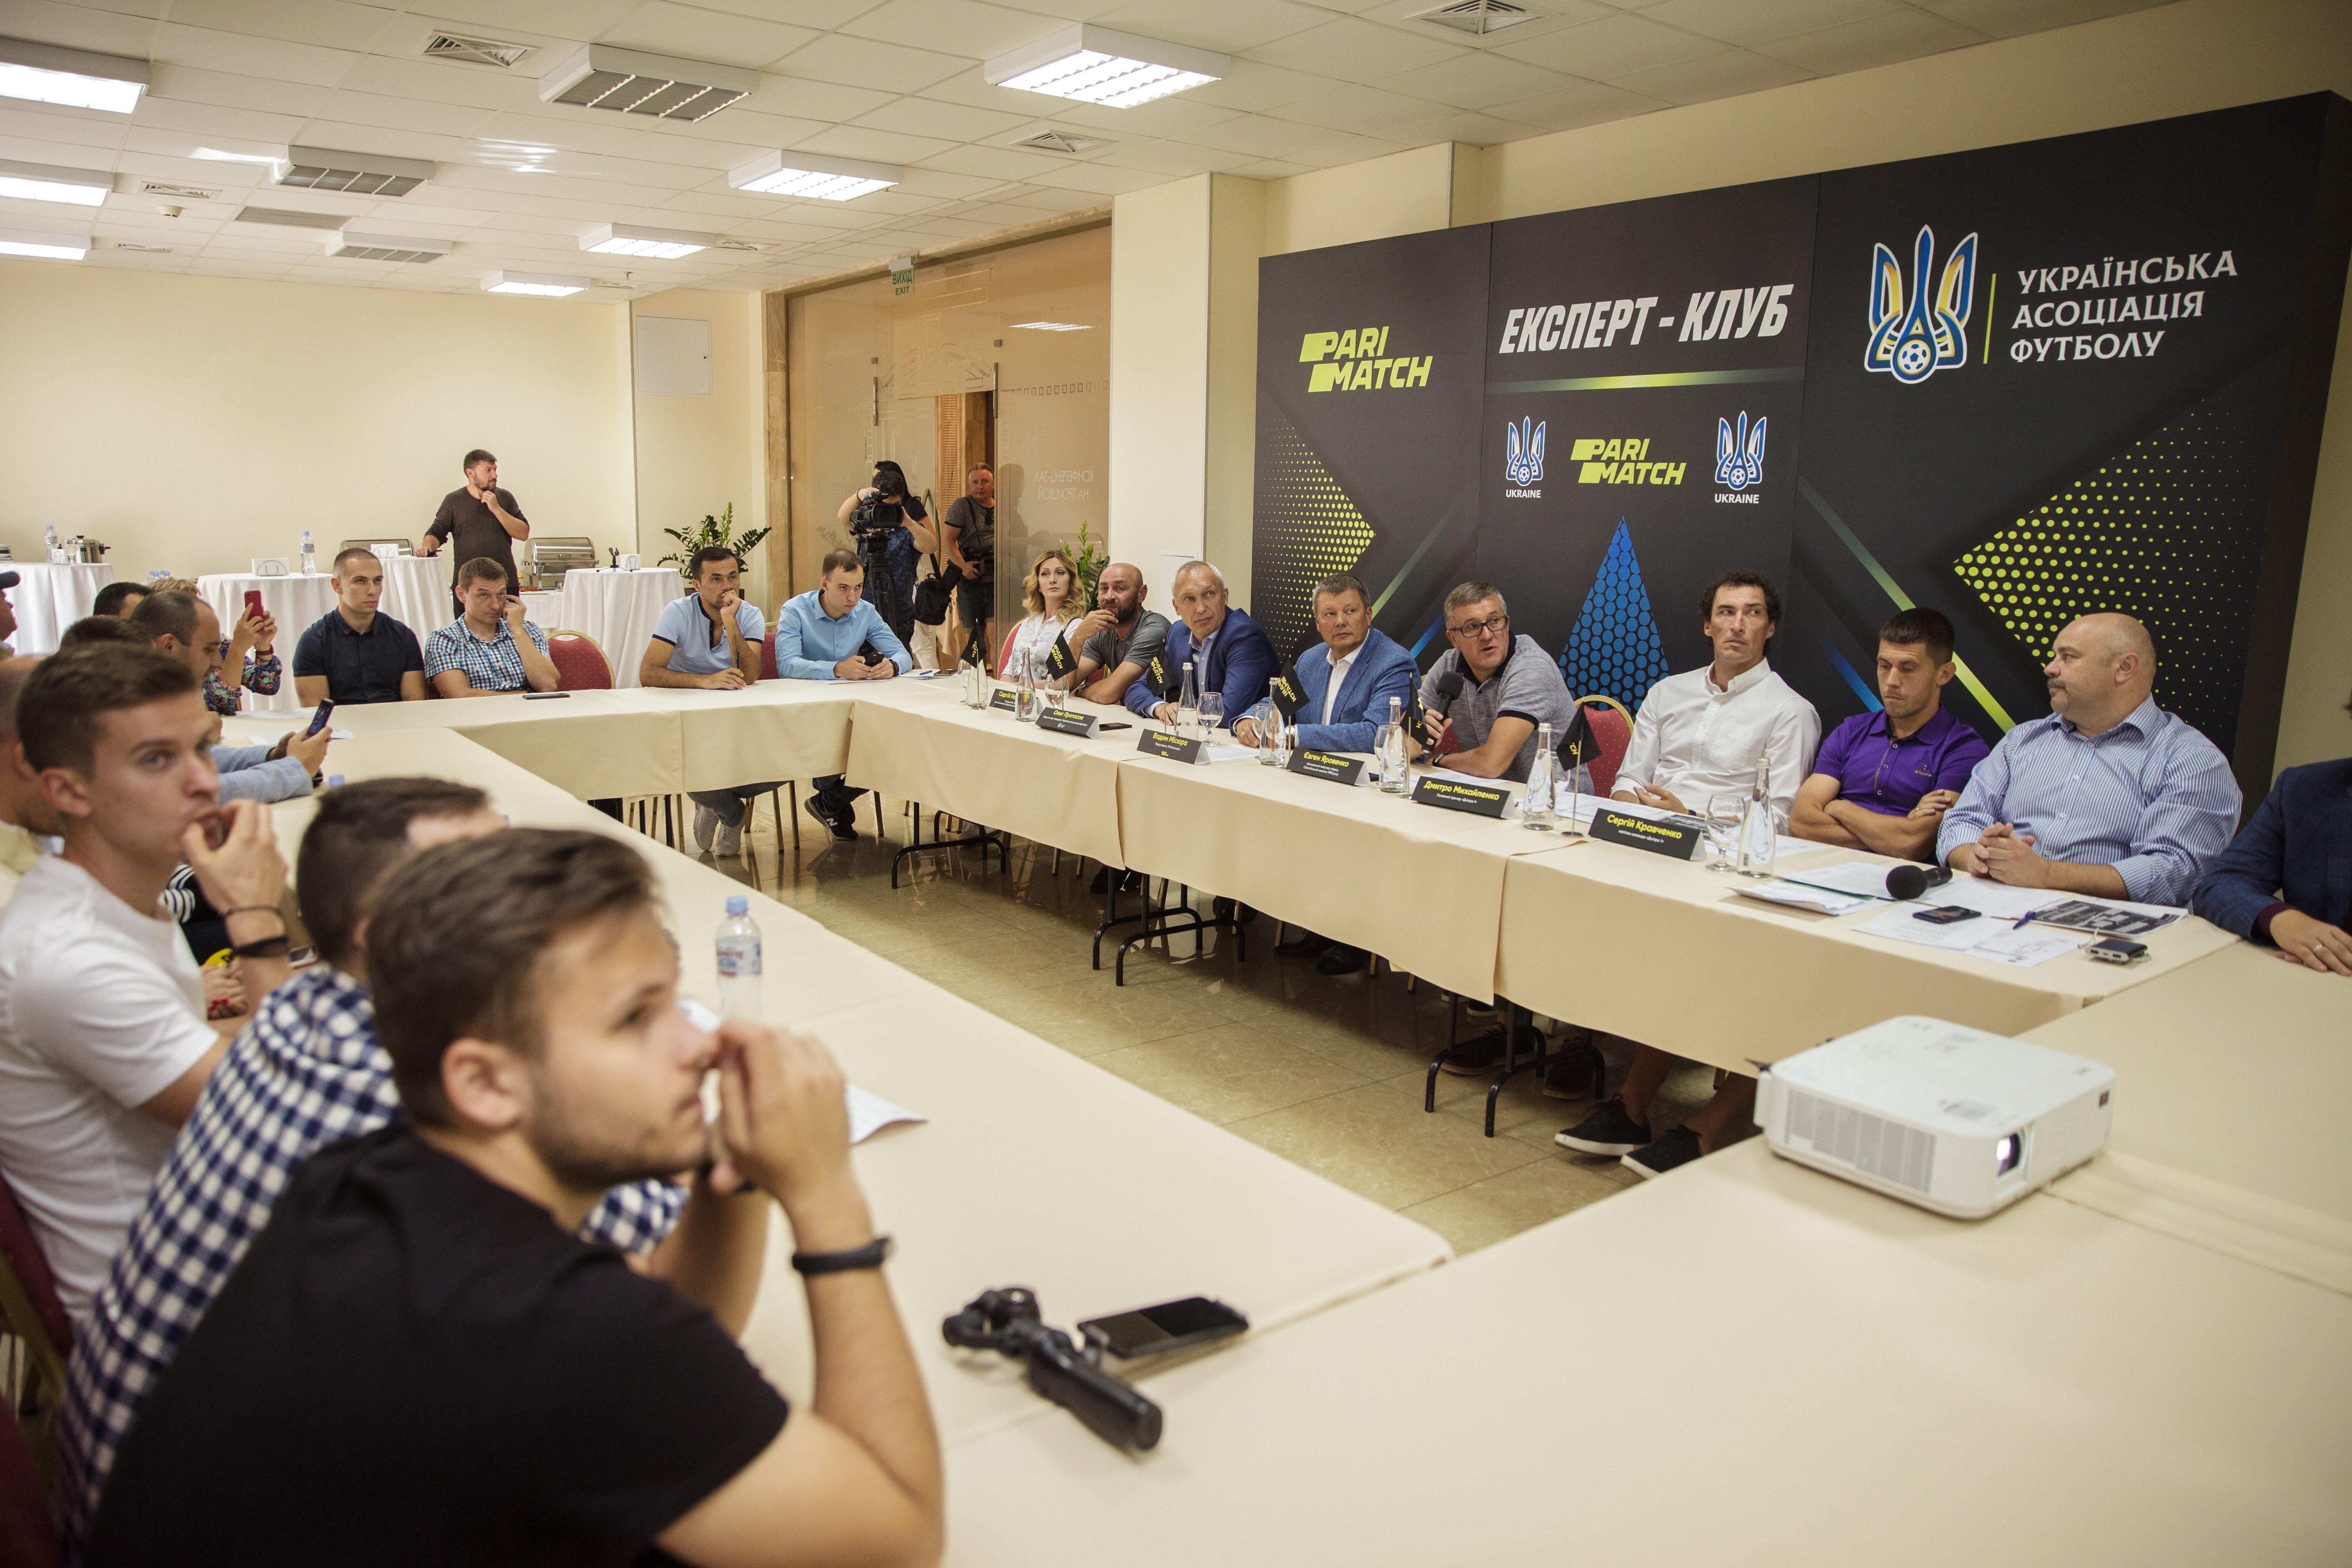 Експерт-клуб ТМ Parimatch у місті Дніпро (+Фото) - изображение 2